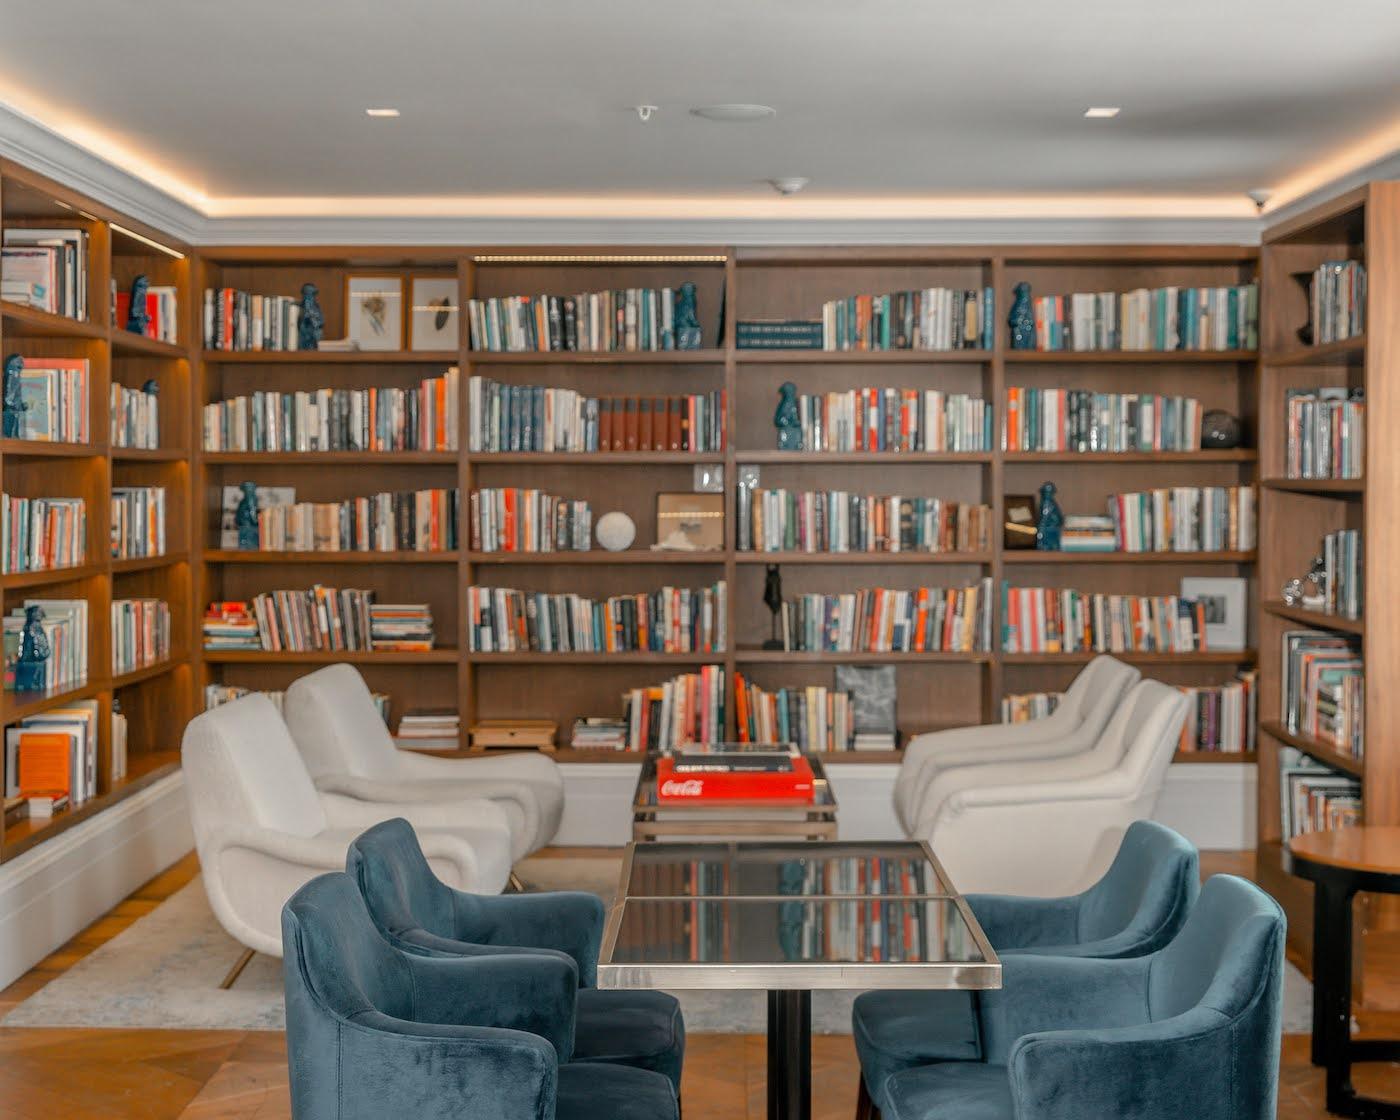 The Betsy Miami Beach Library